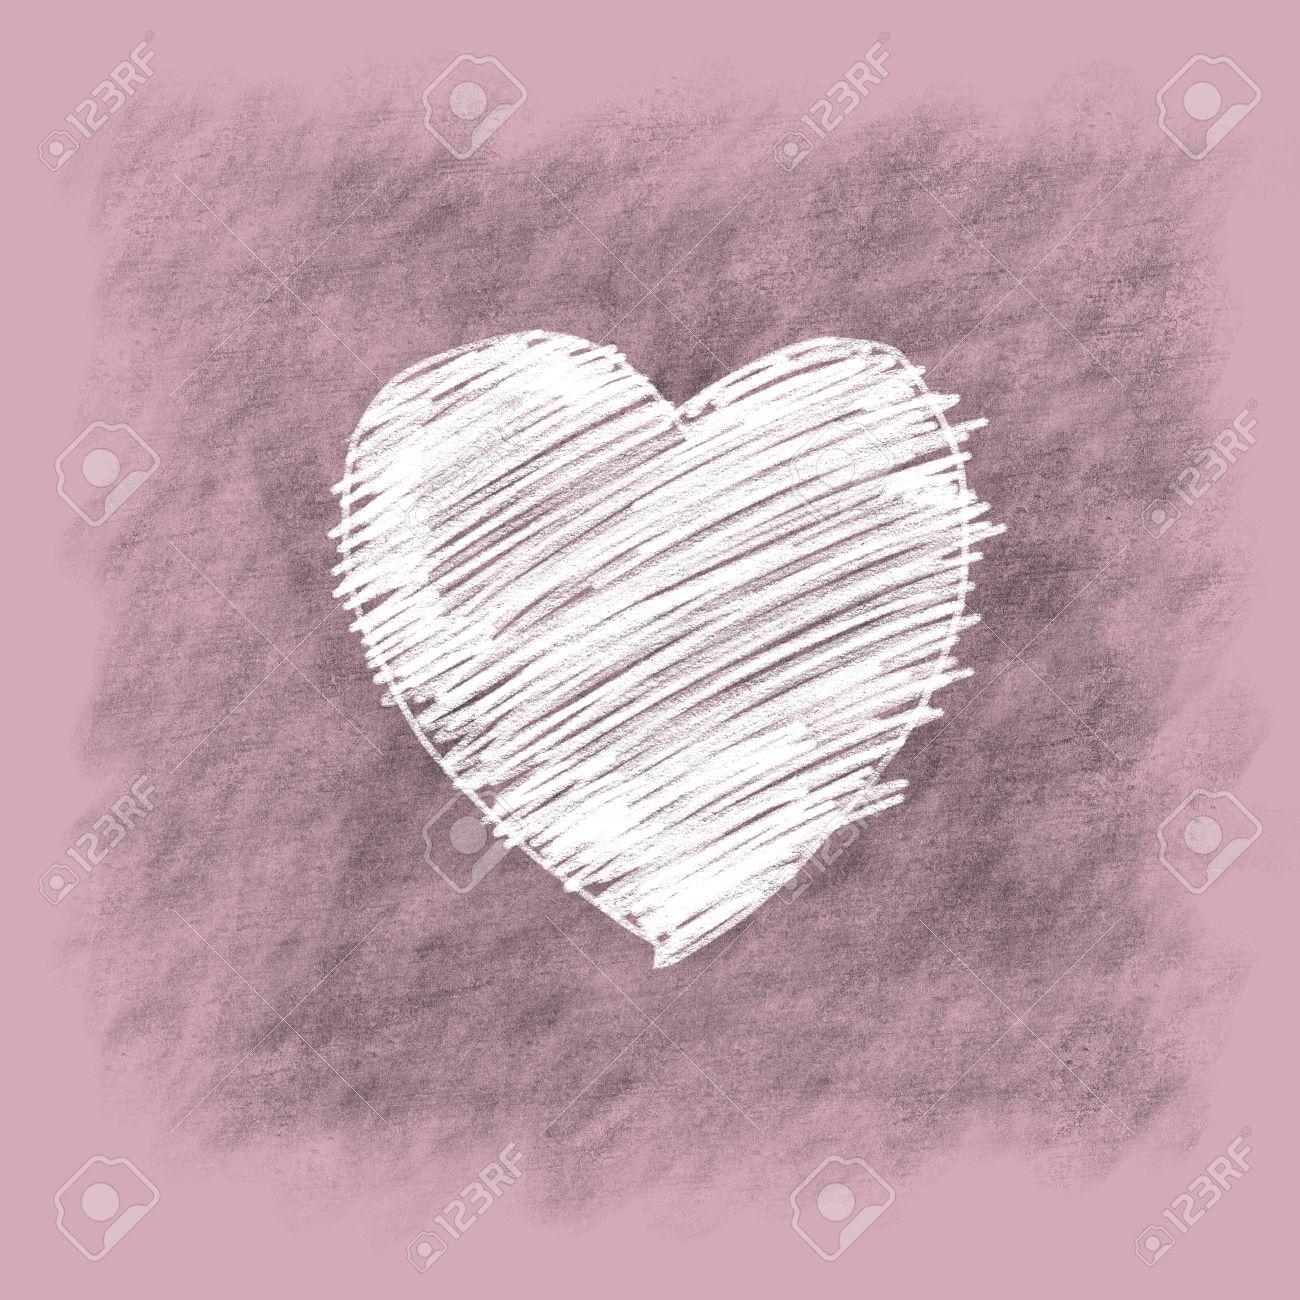 Blanc Doodle Coeur Sur Fond Gris Et Rose Dessin A La Main Au Crayon